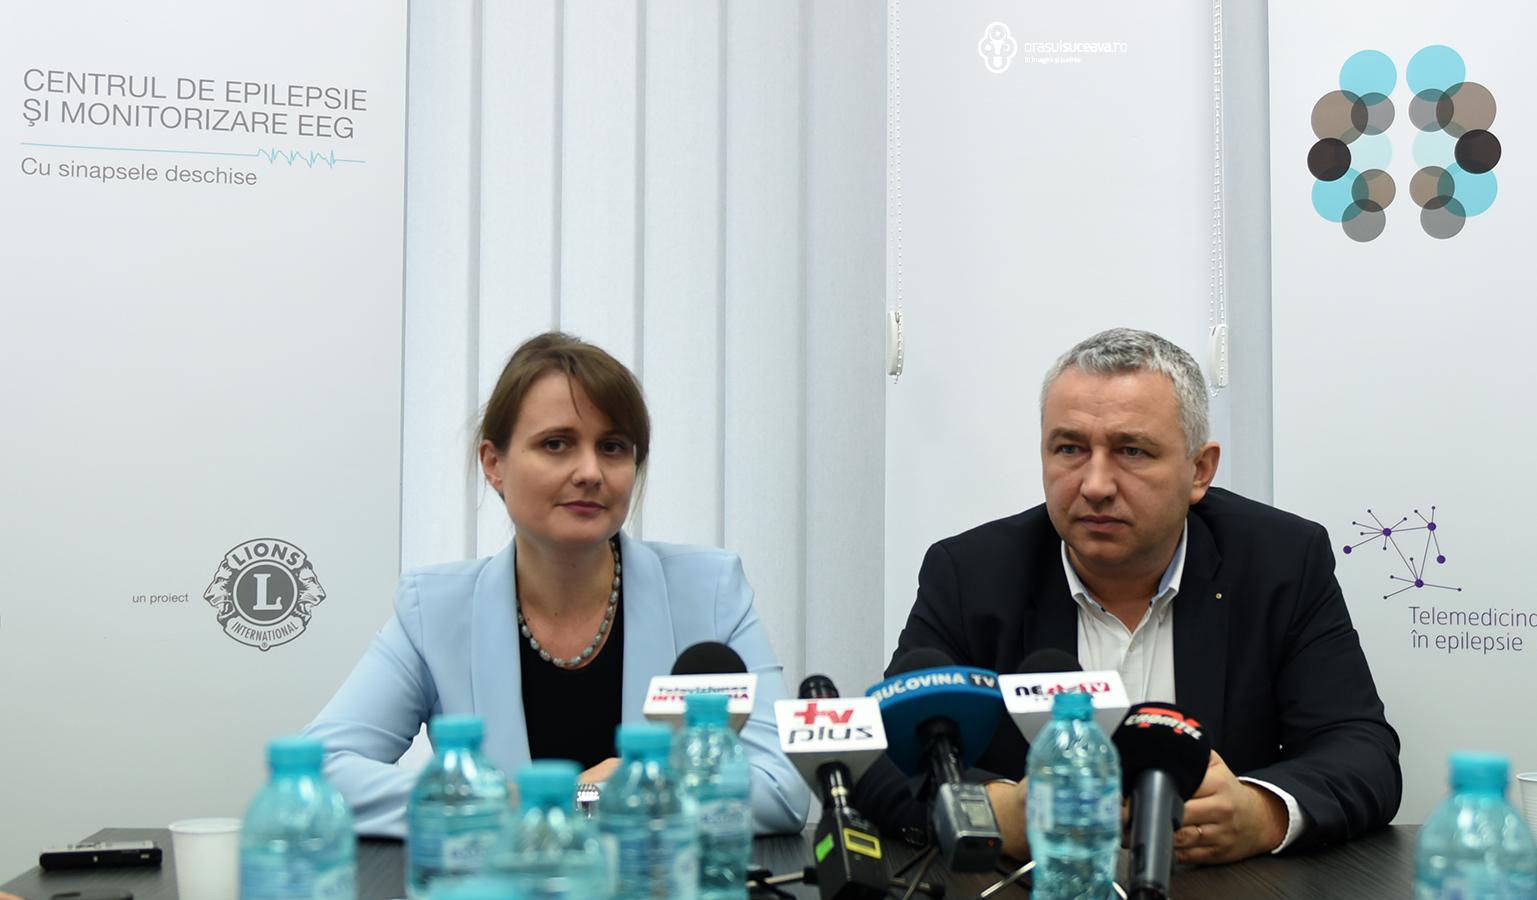 S-a inaugurat Centrul de epilepsie si monitorizare EEG în cadrul Arcadia - Centrul Medical Bucovina (CMB)